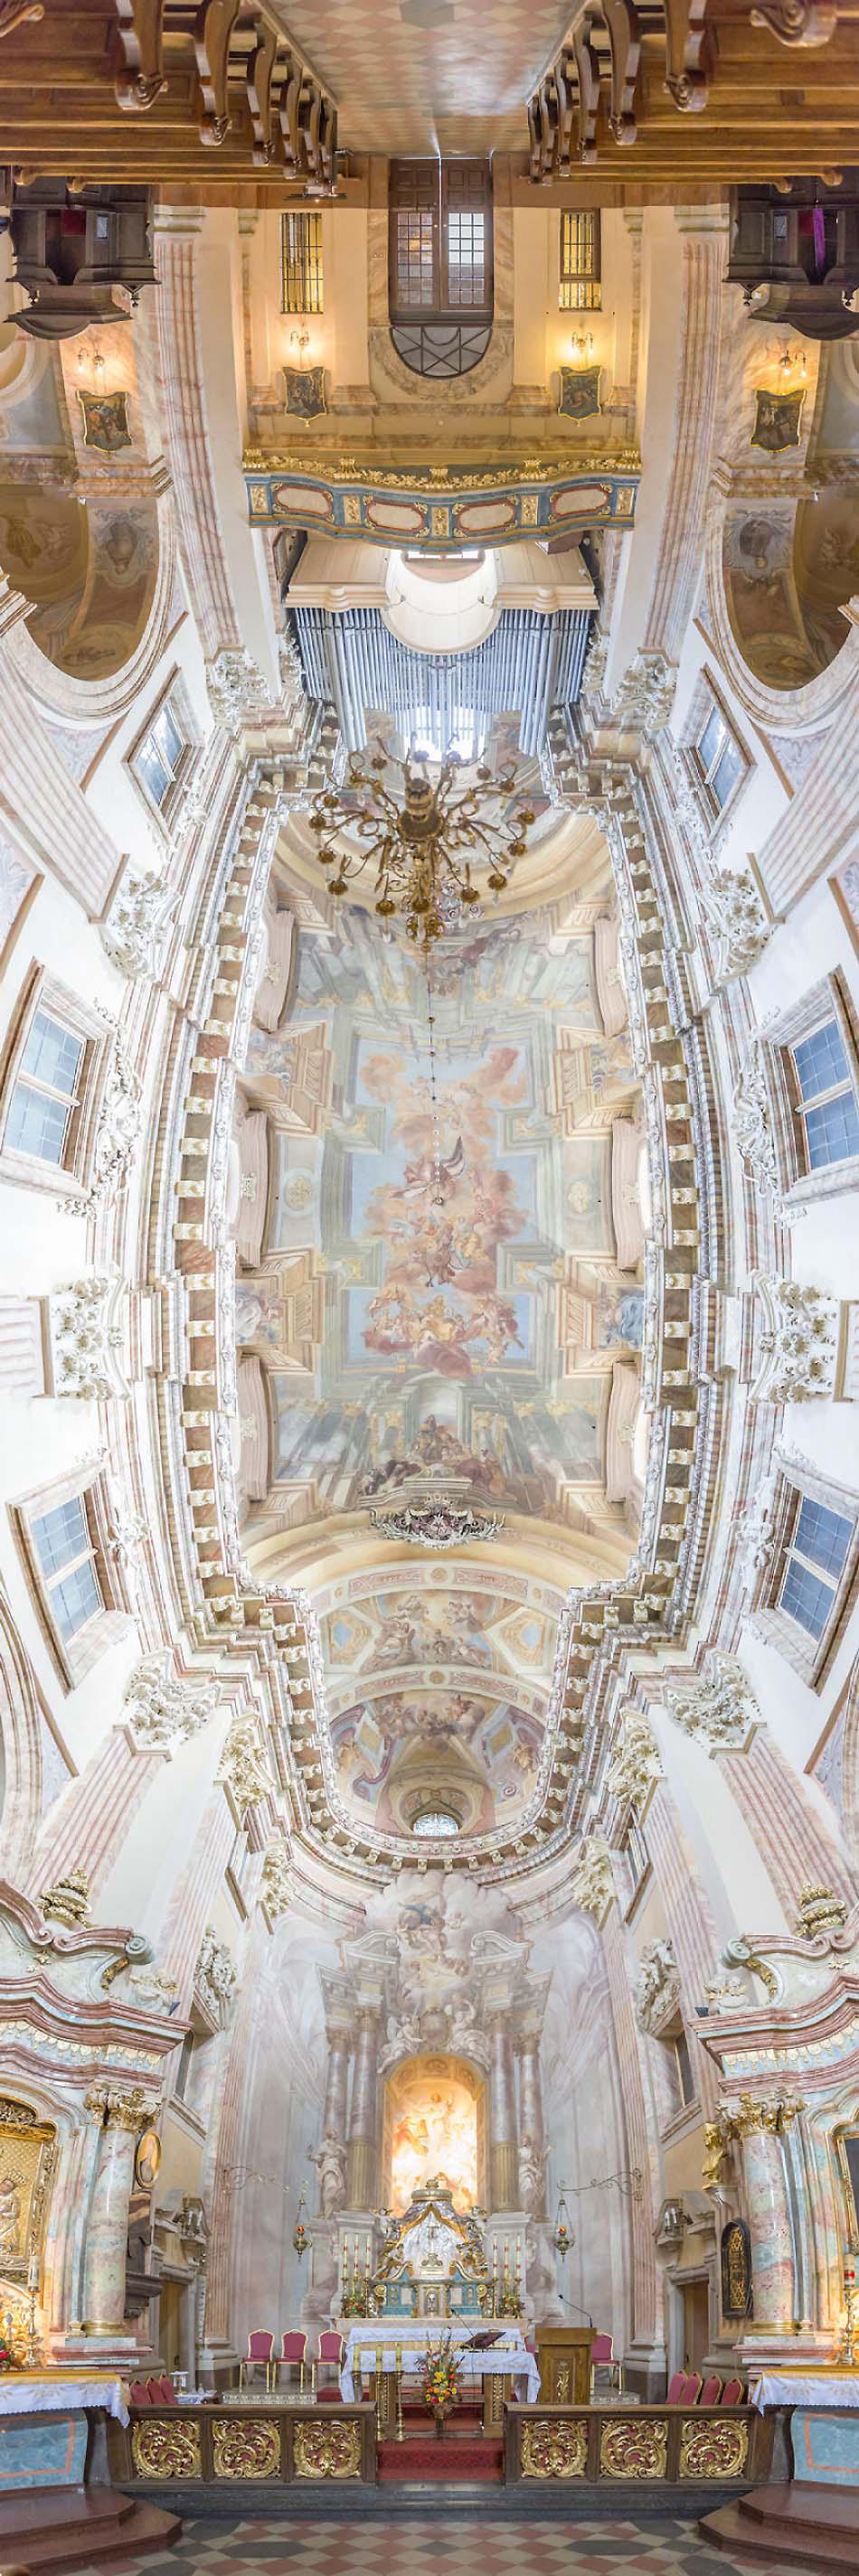 Las Fotografías Del Interior De Iglesias Que Están Sorprendiendo A todo El Mundo